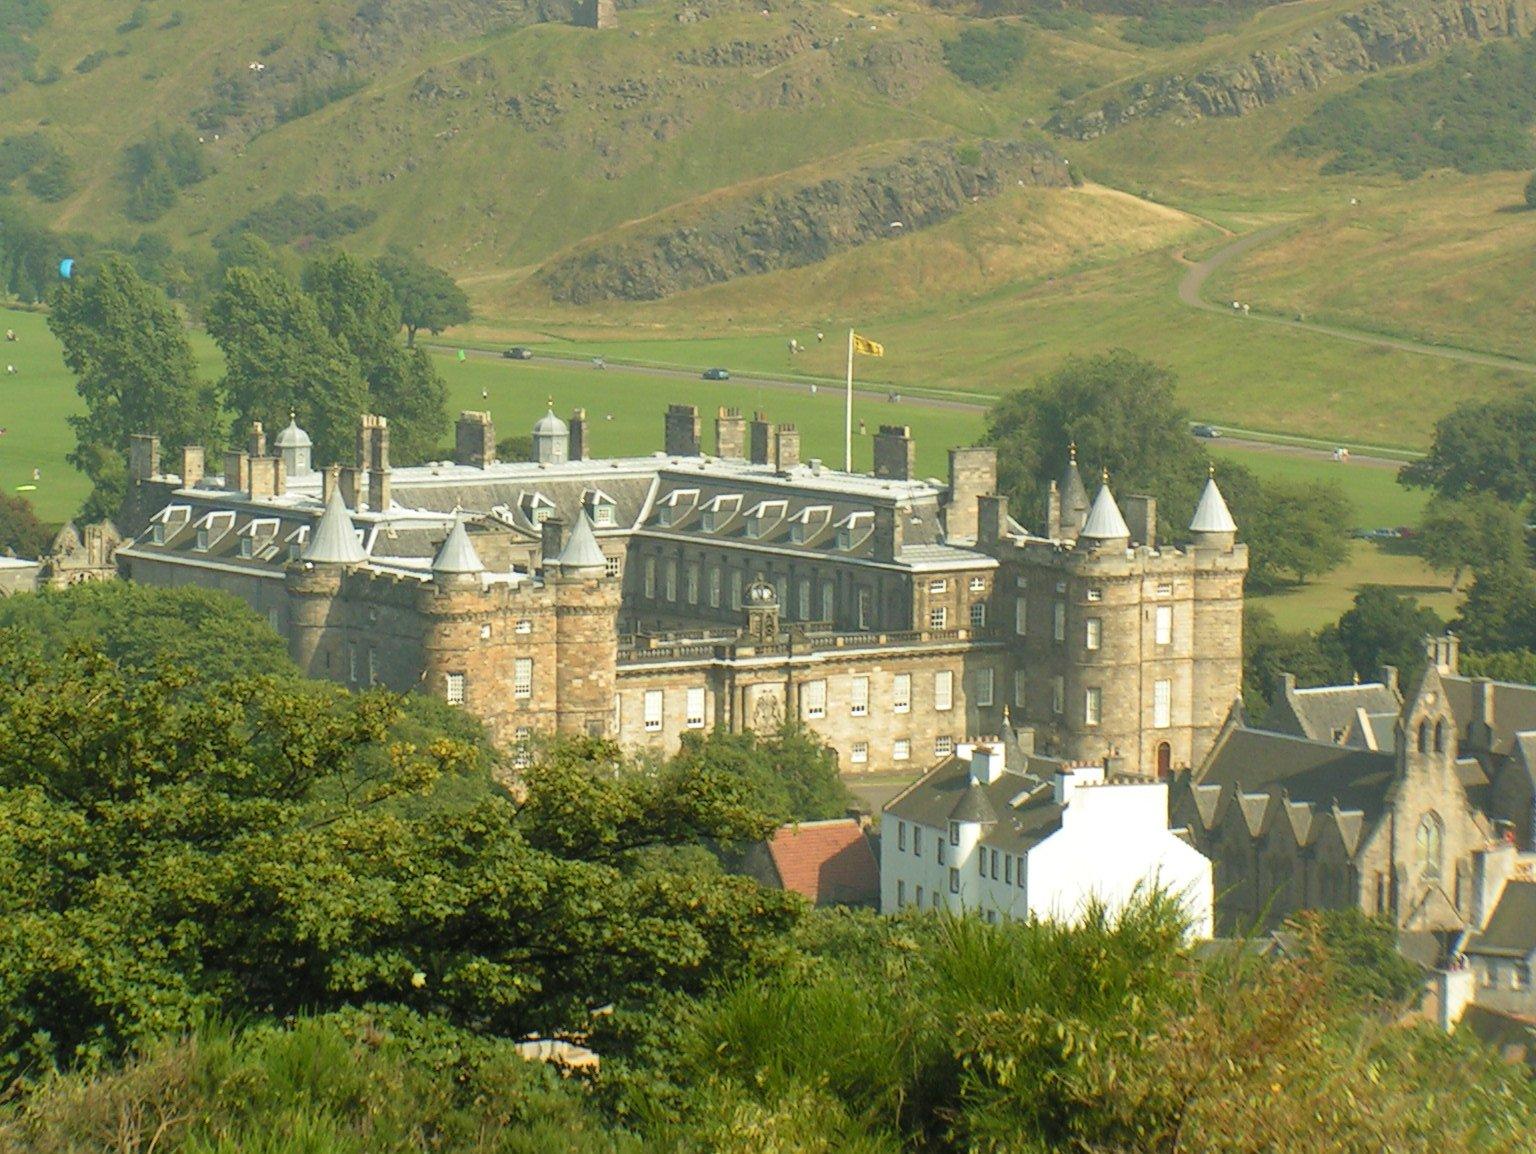 Palace of Holyroodhouse, Edynburg - rezydencja monarchów brytyjskich w Szkocji